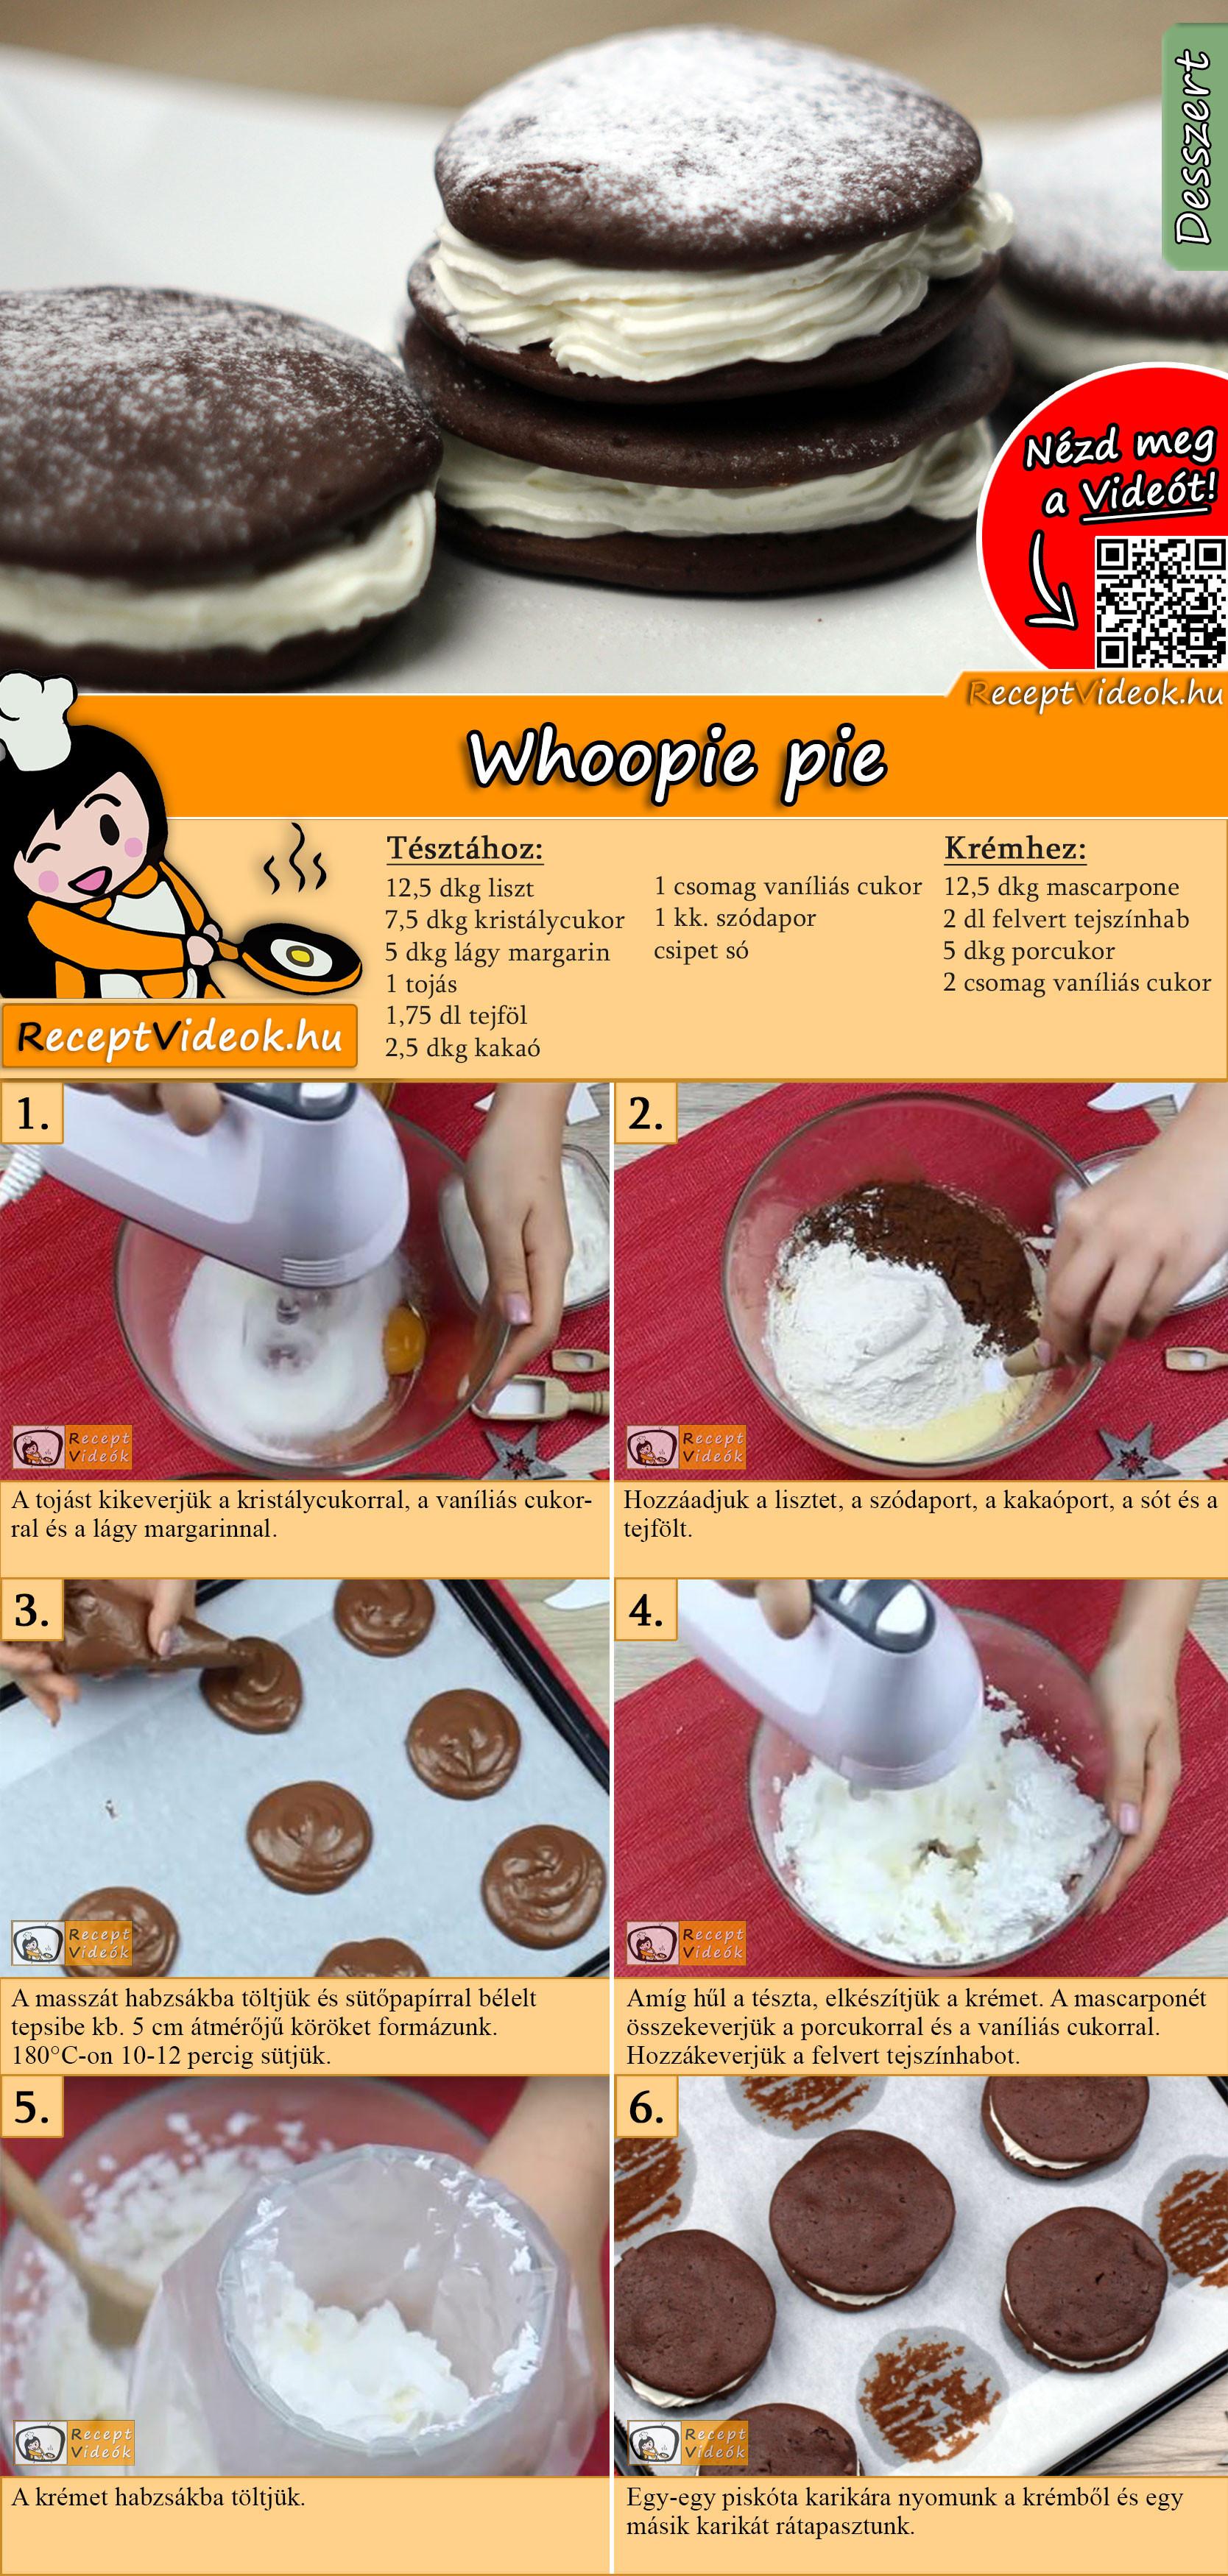 Whoopie pie recept elkészítése videóval